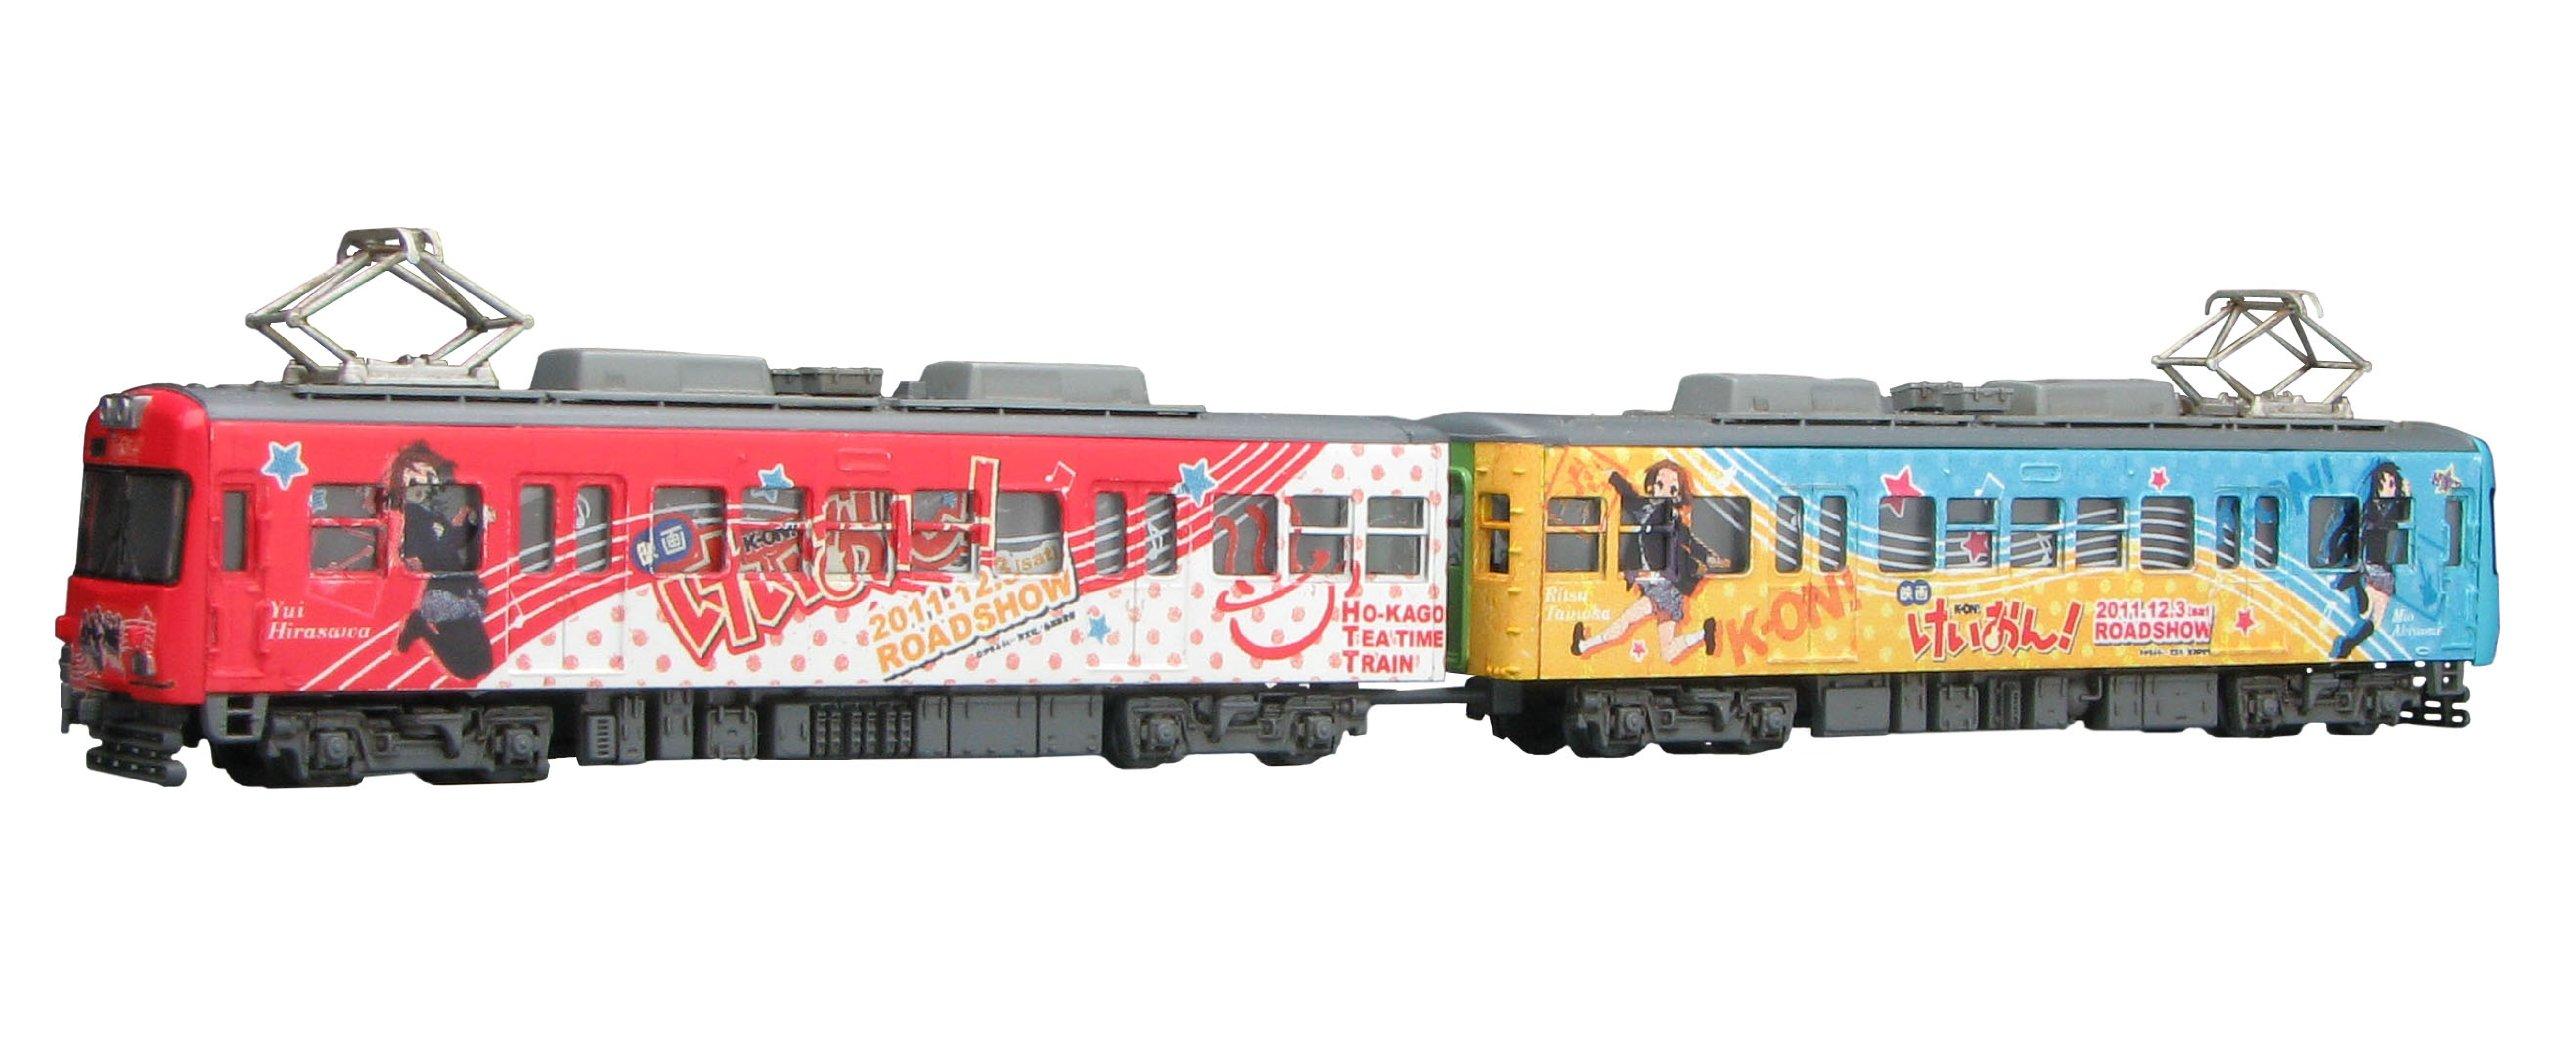 Wrapping Train! K Shape Keihan 600 1/150 (Houkago Tea Time Train) [Toy] (japan import)